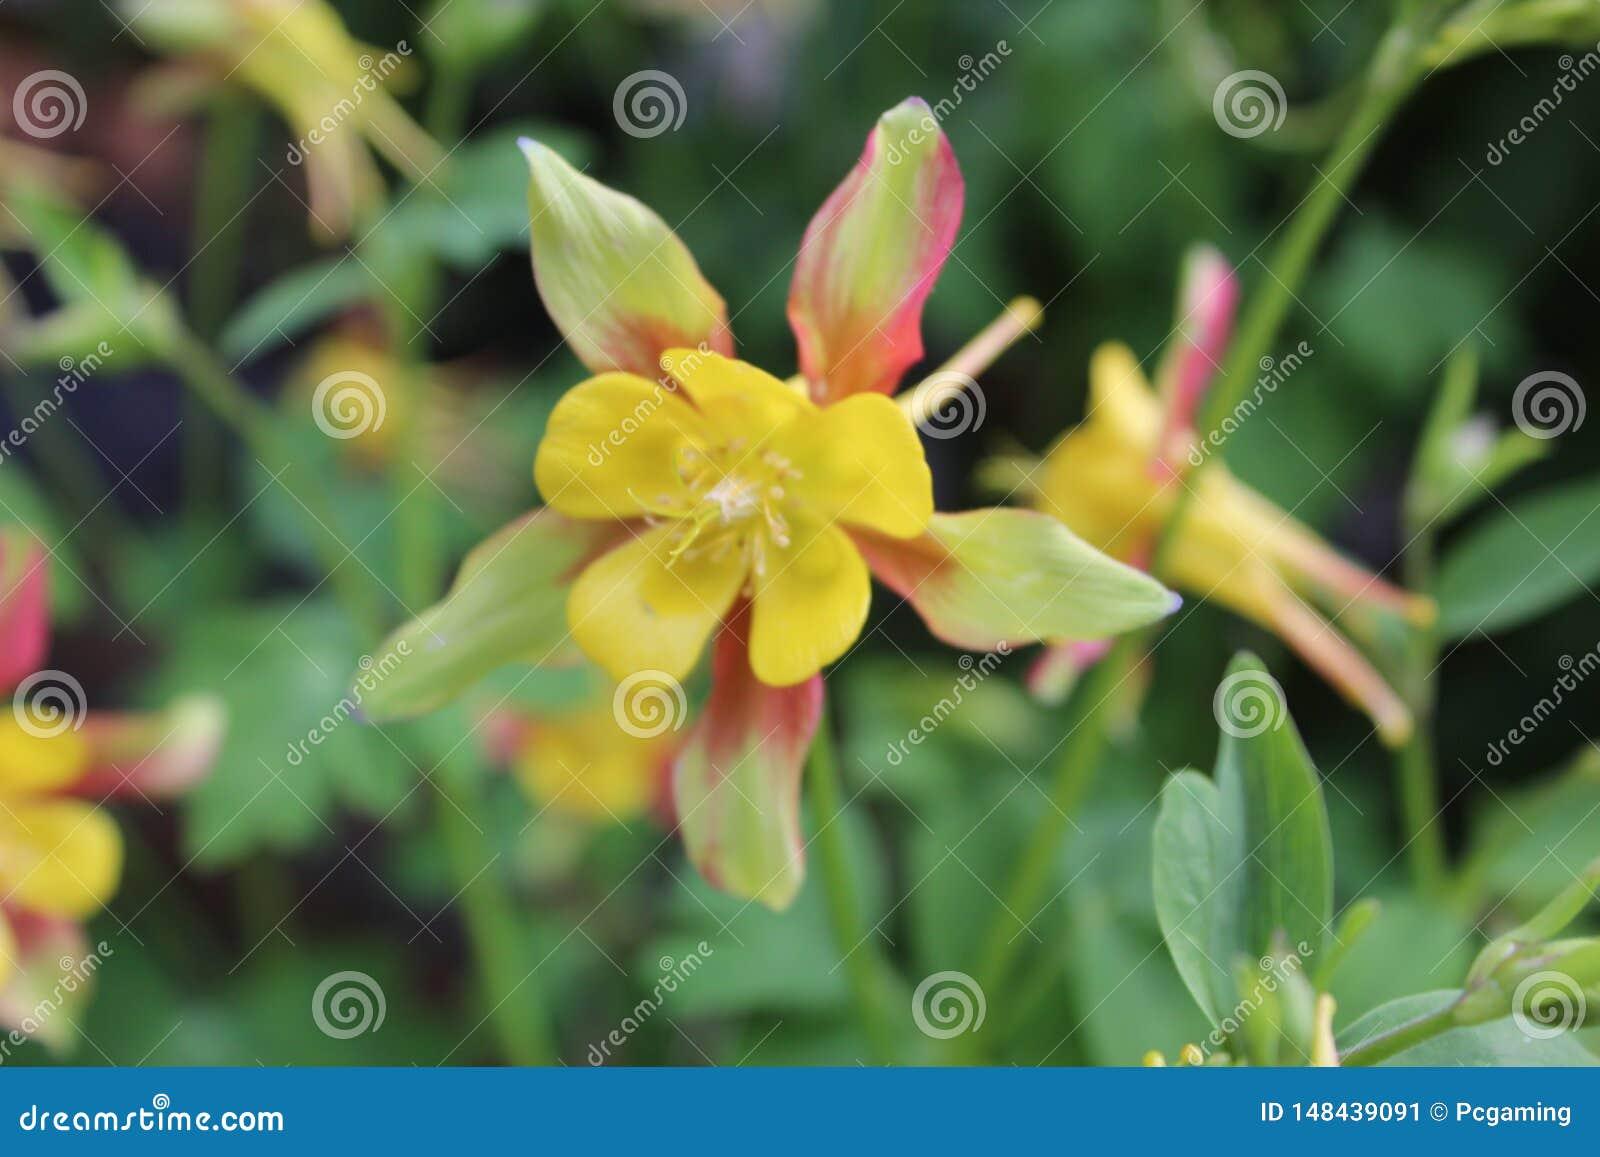 Rosa giallo e verde del fiore coperti di foglie